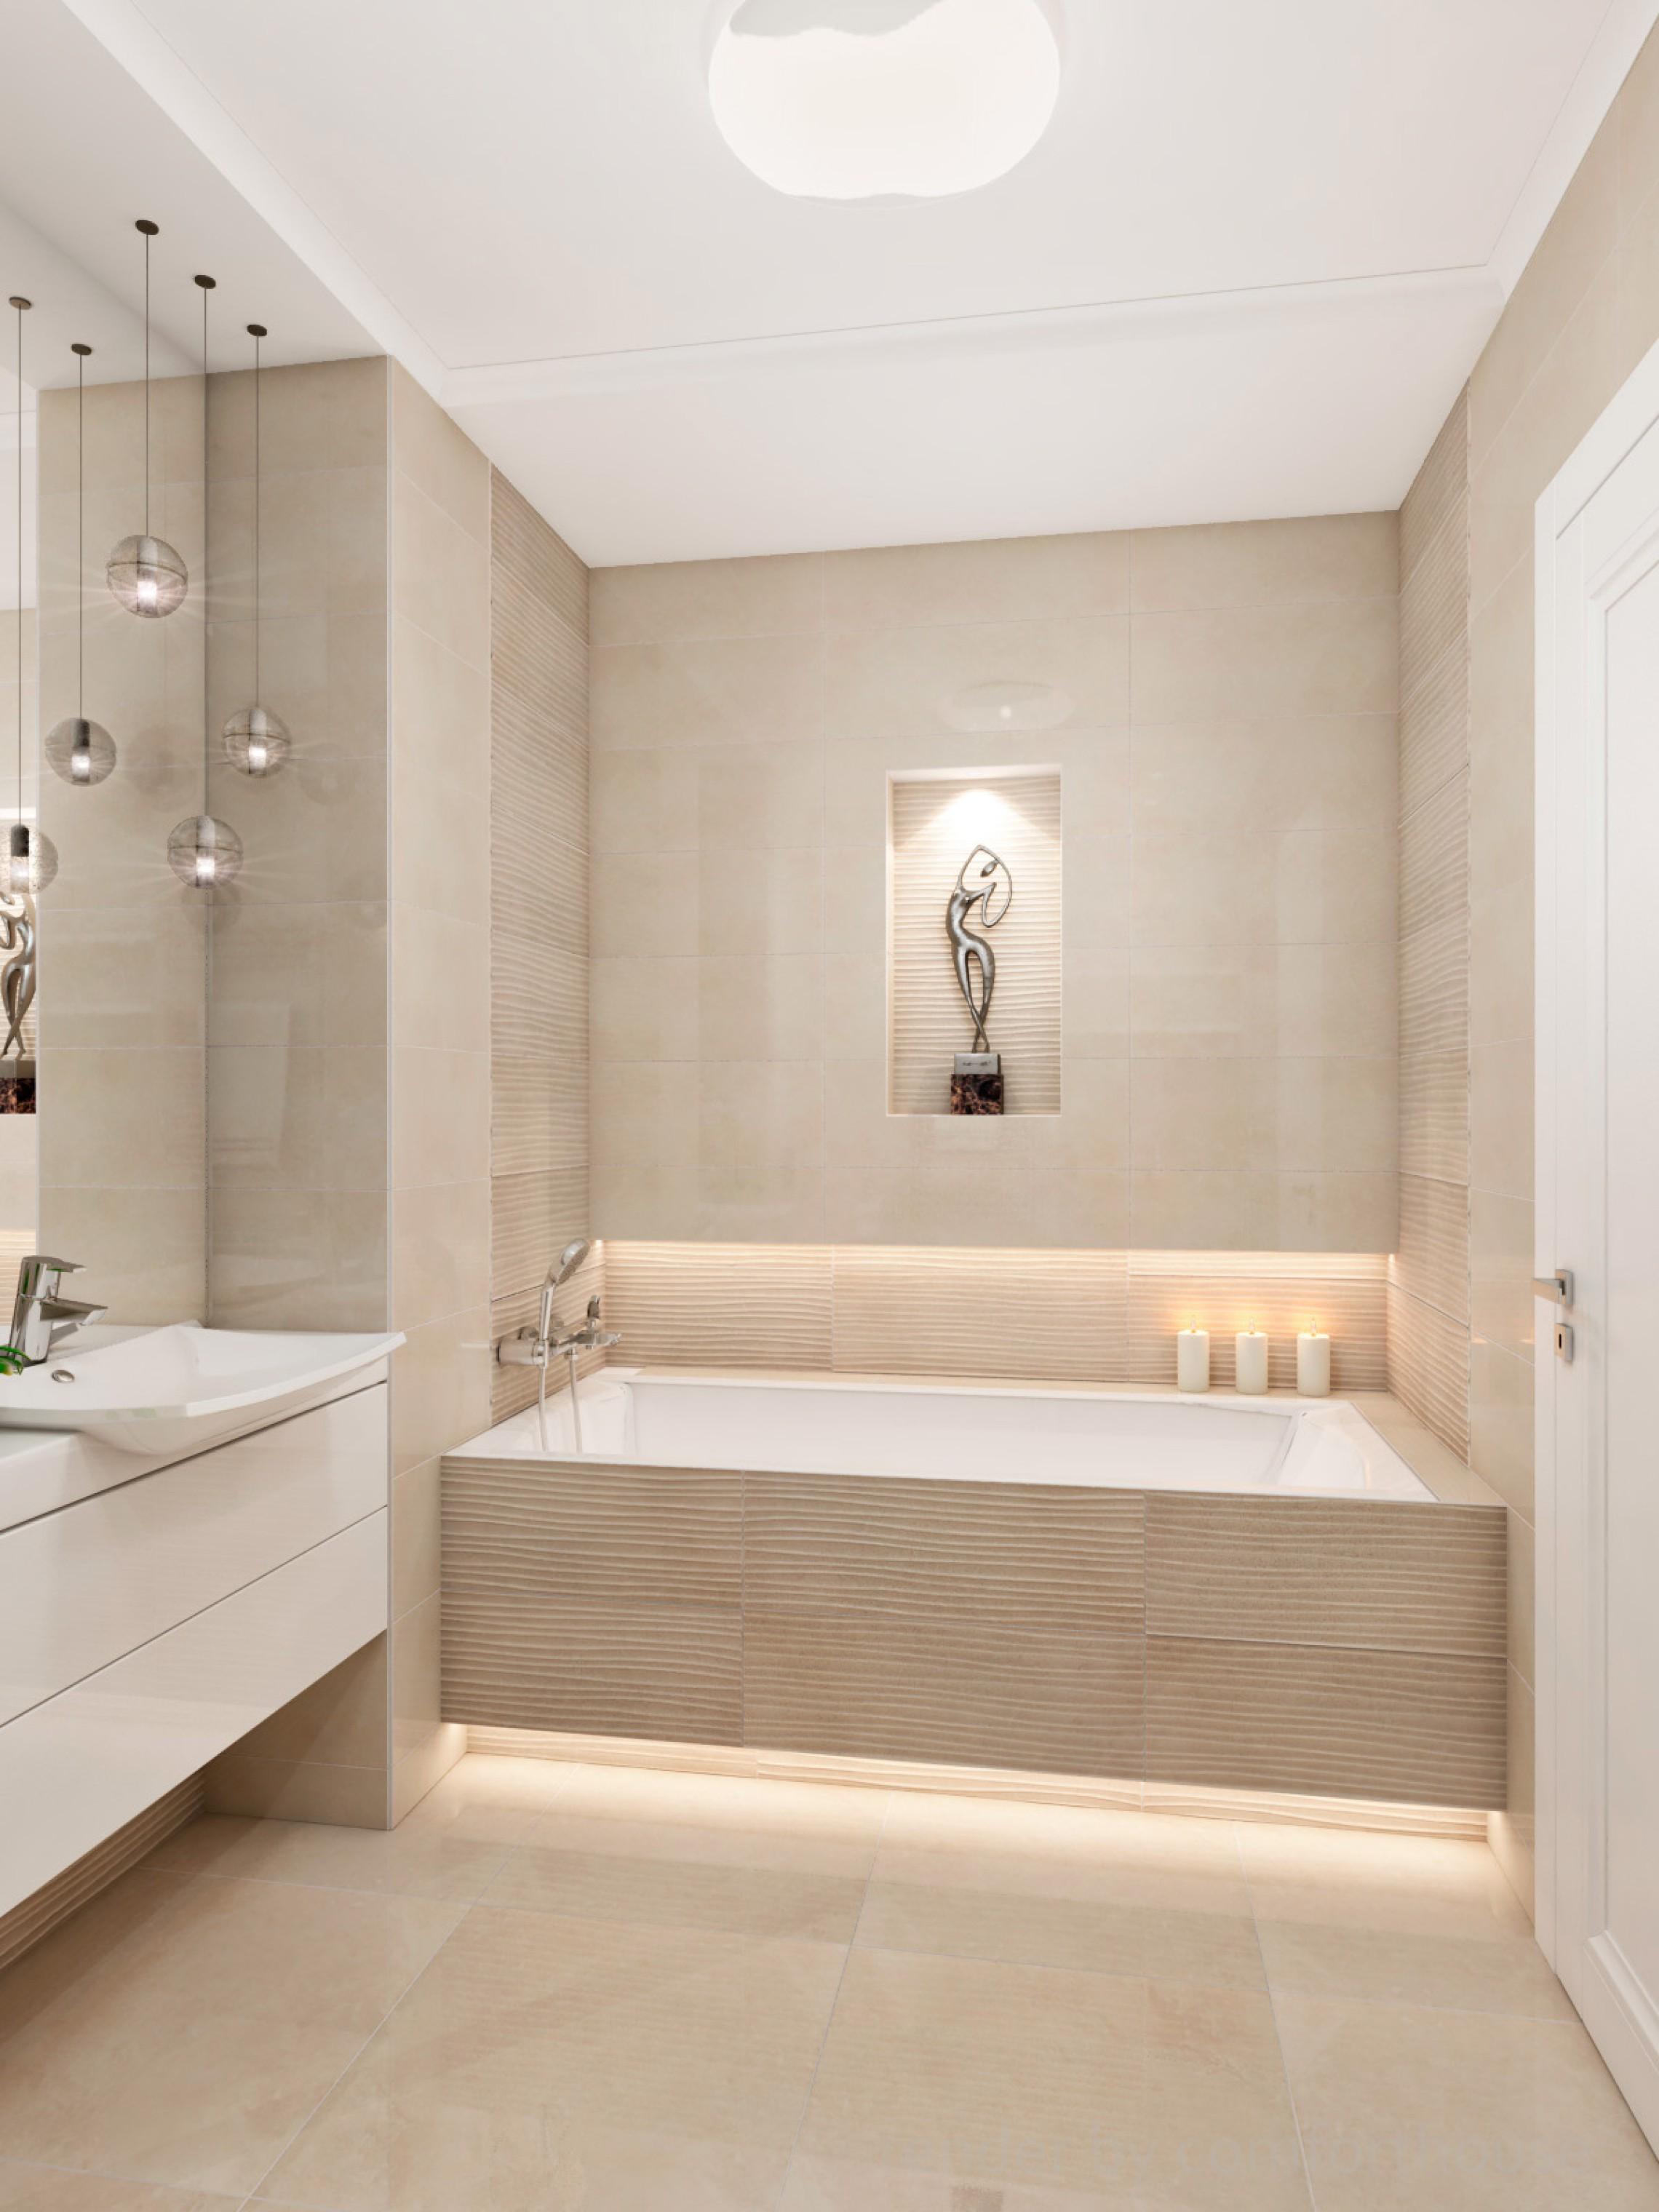 Elegant apartment bathroom